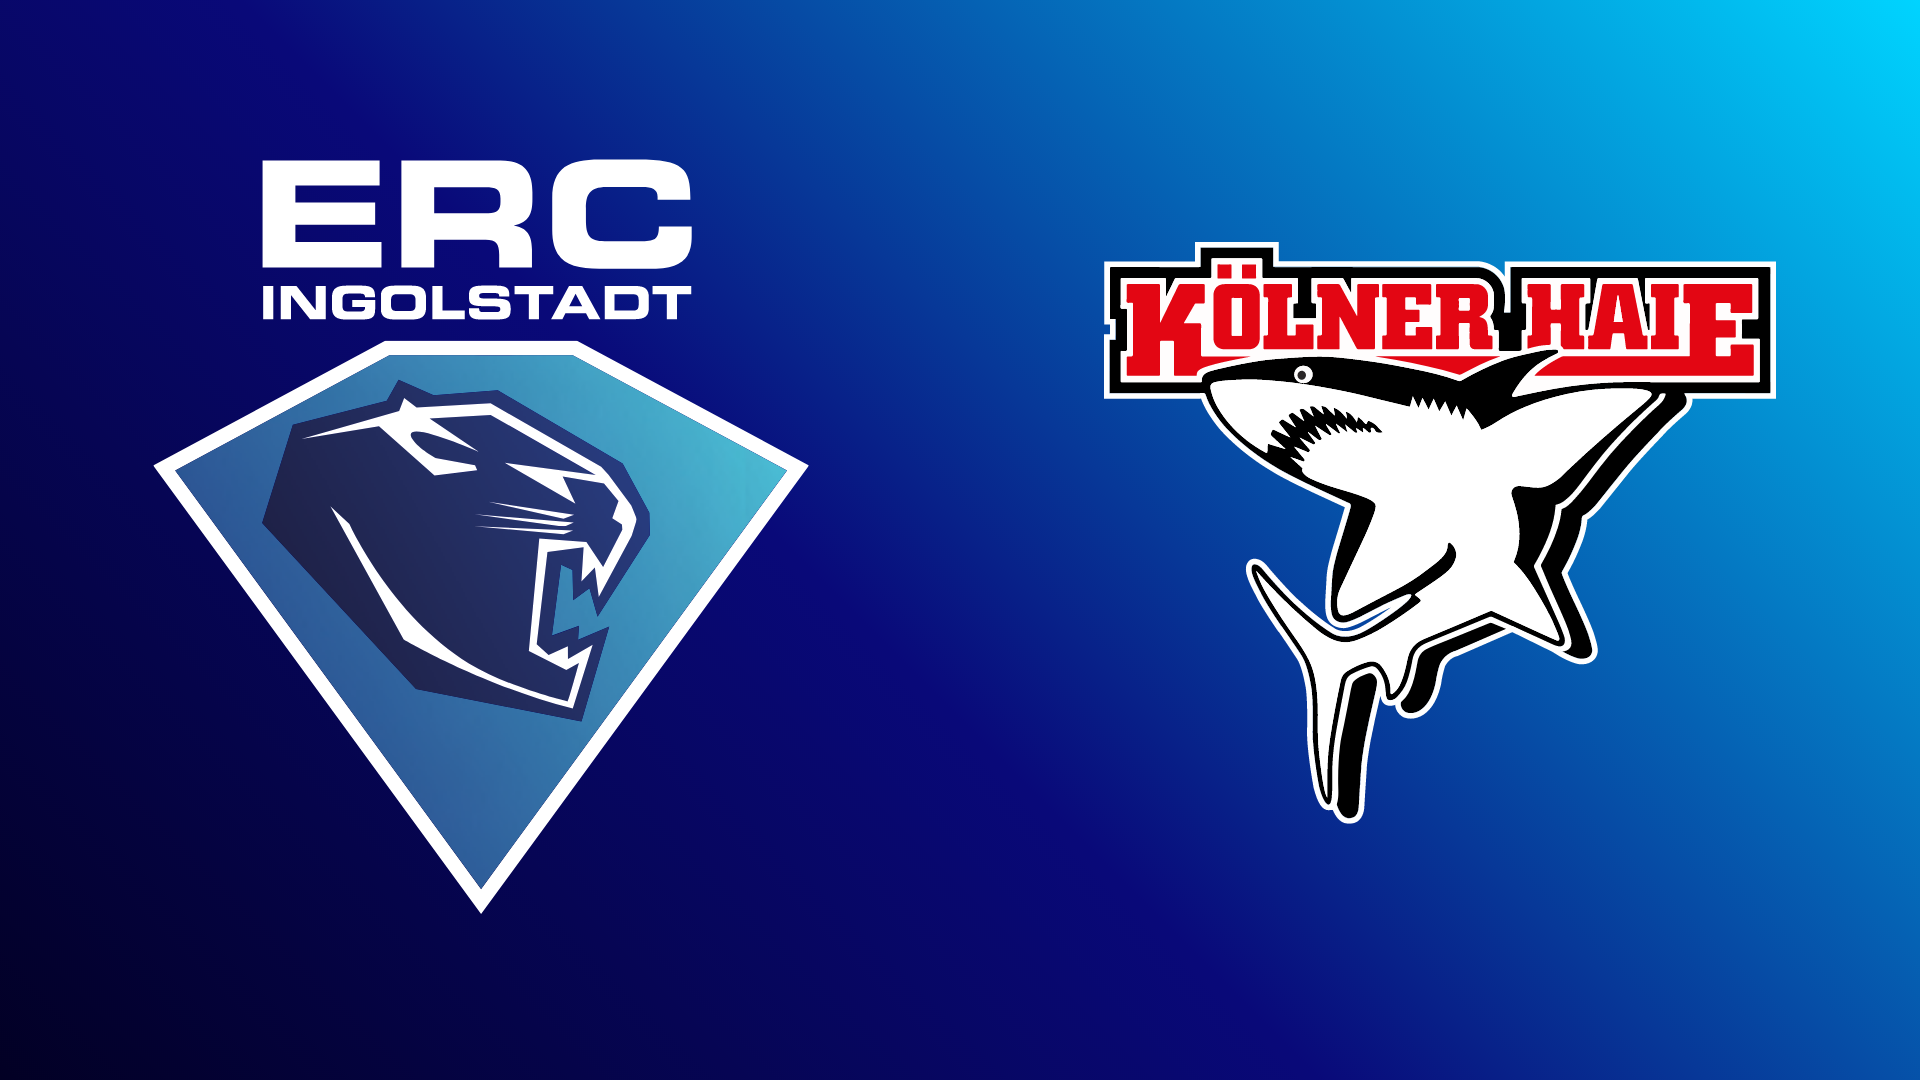 ERC Ingolstadt - Kölner Haie 22.10.2021 um 19:00 Uhr auf Magenta Sport